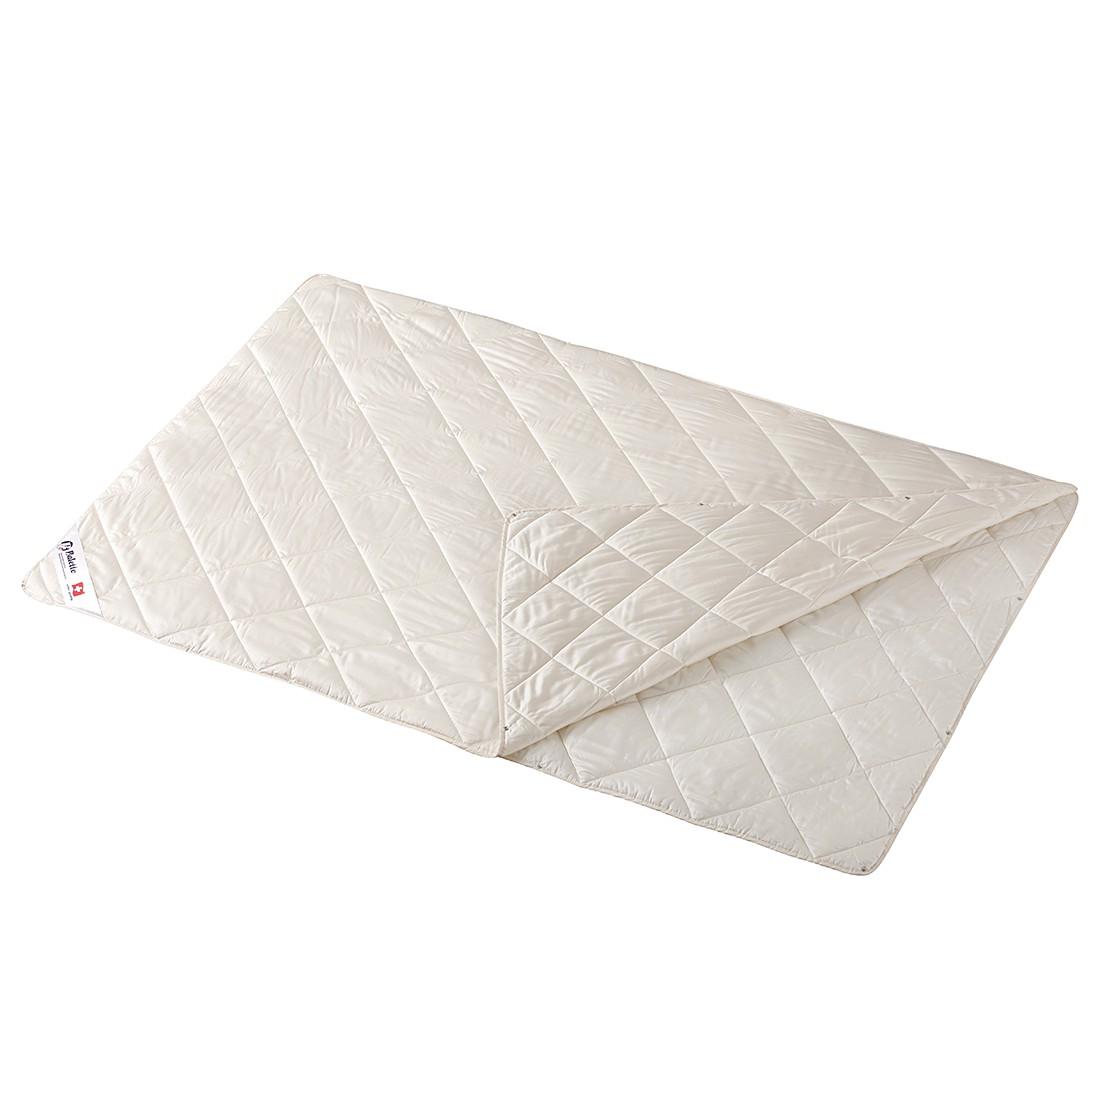 Bettdecke Easy Comfort Tencel – 135 x 200 cm – 4-Jahreszeiten-Decke, Balette online kaufen